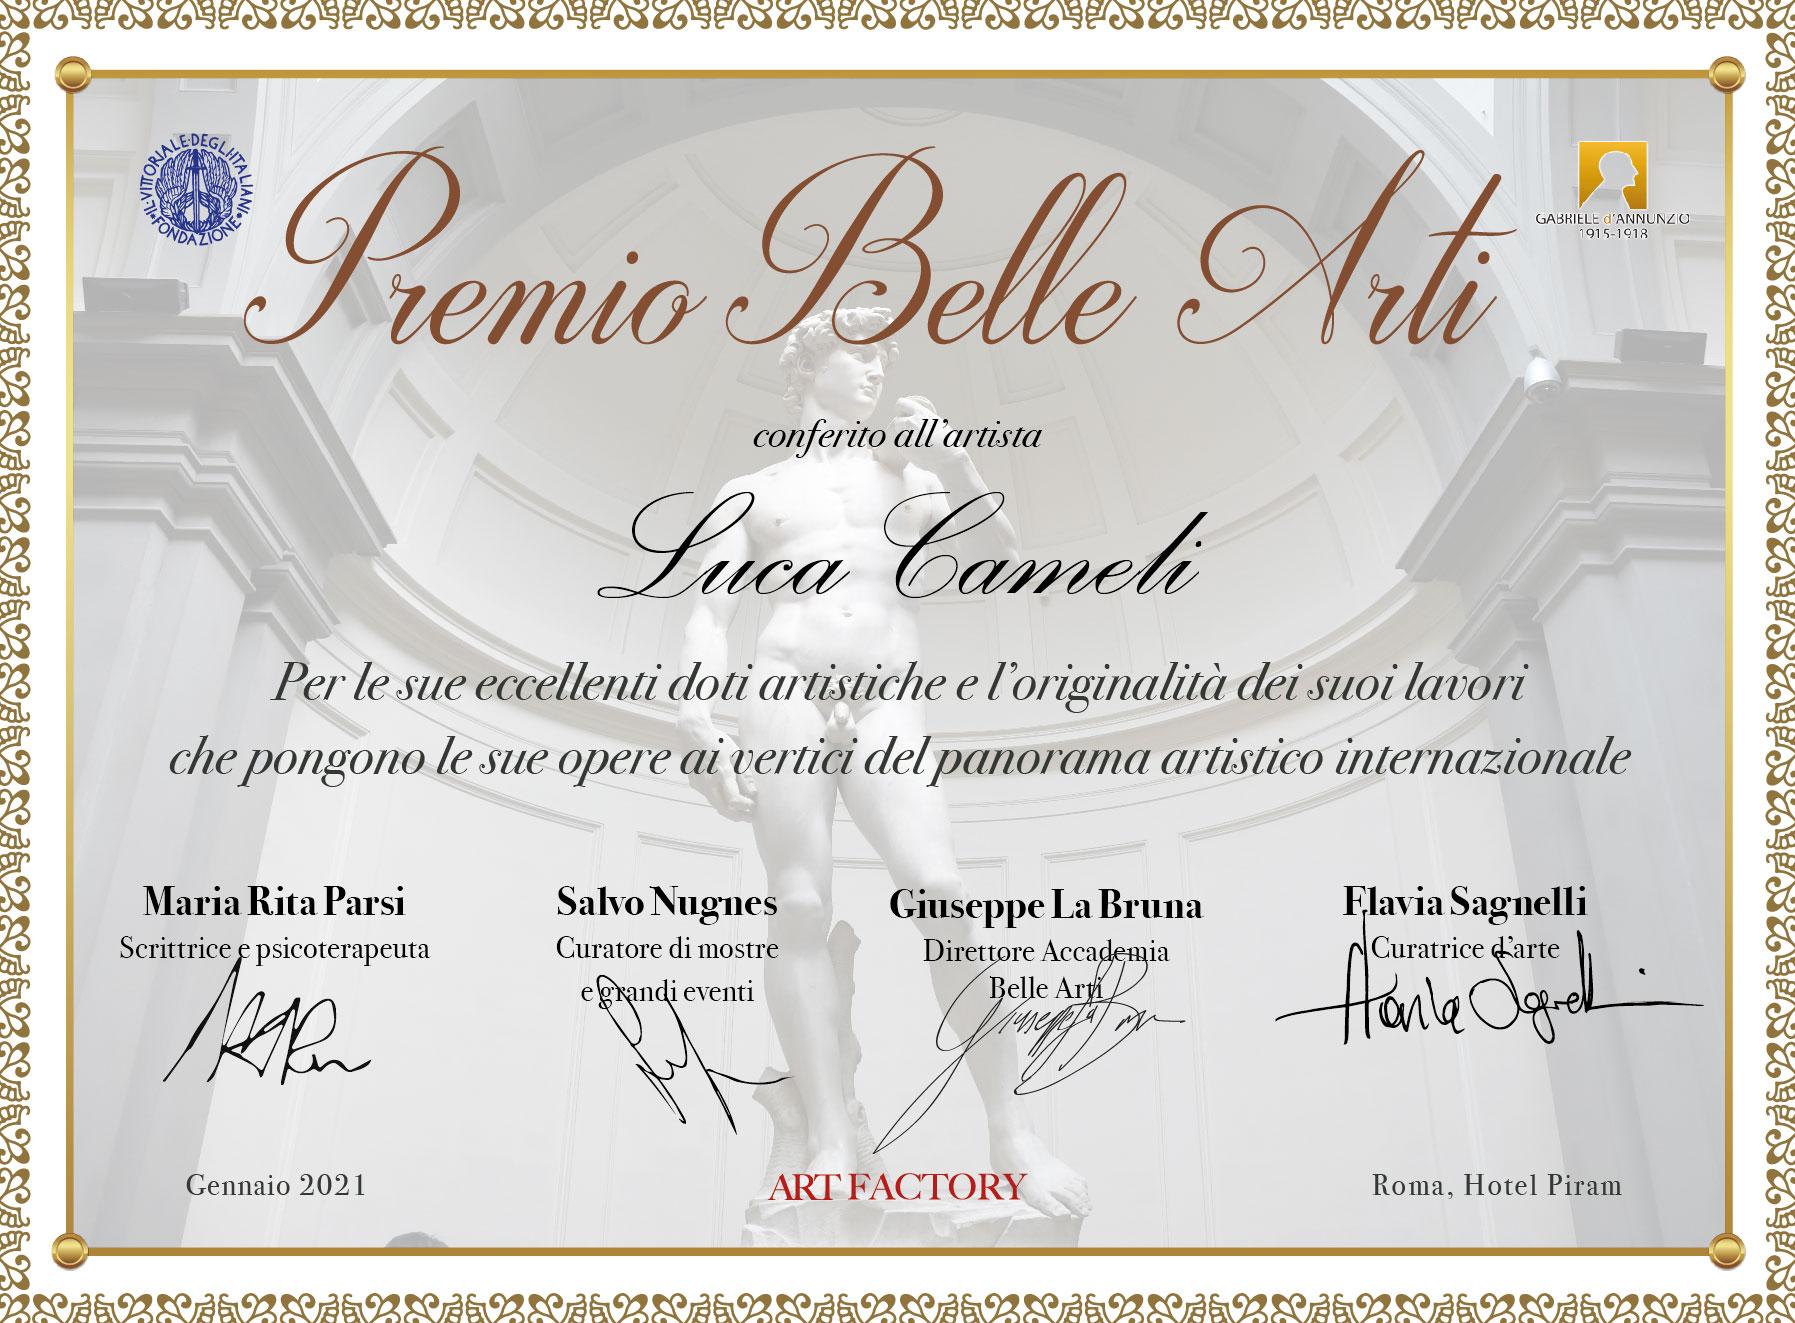 Premio Belle Arti 2021 conferito al fotografo Luca Cameli